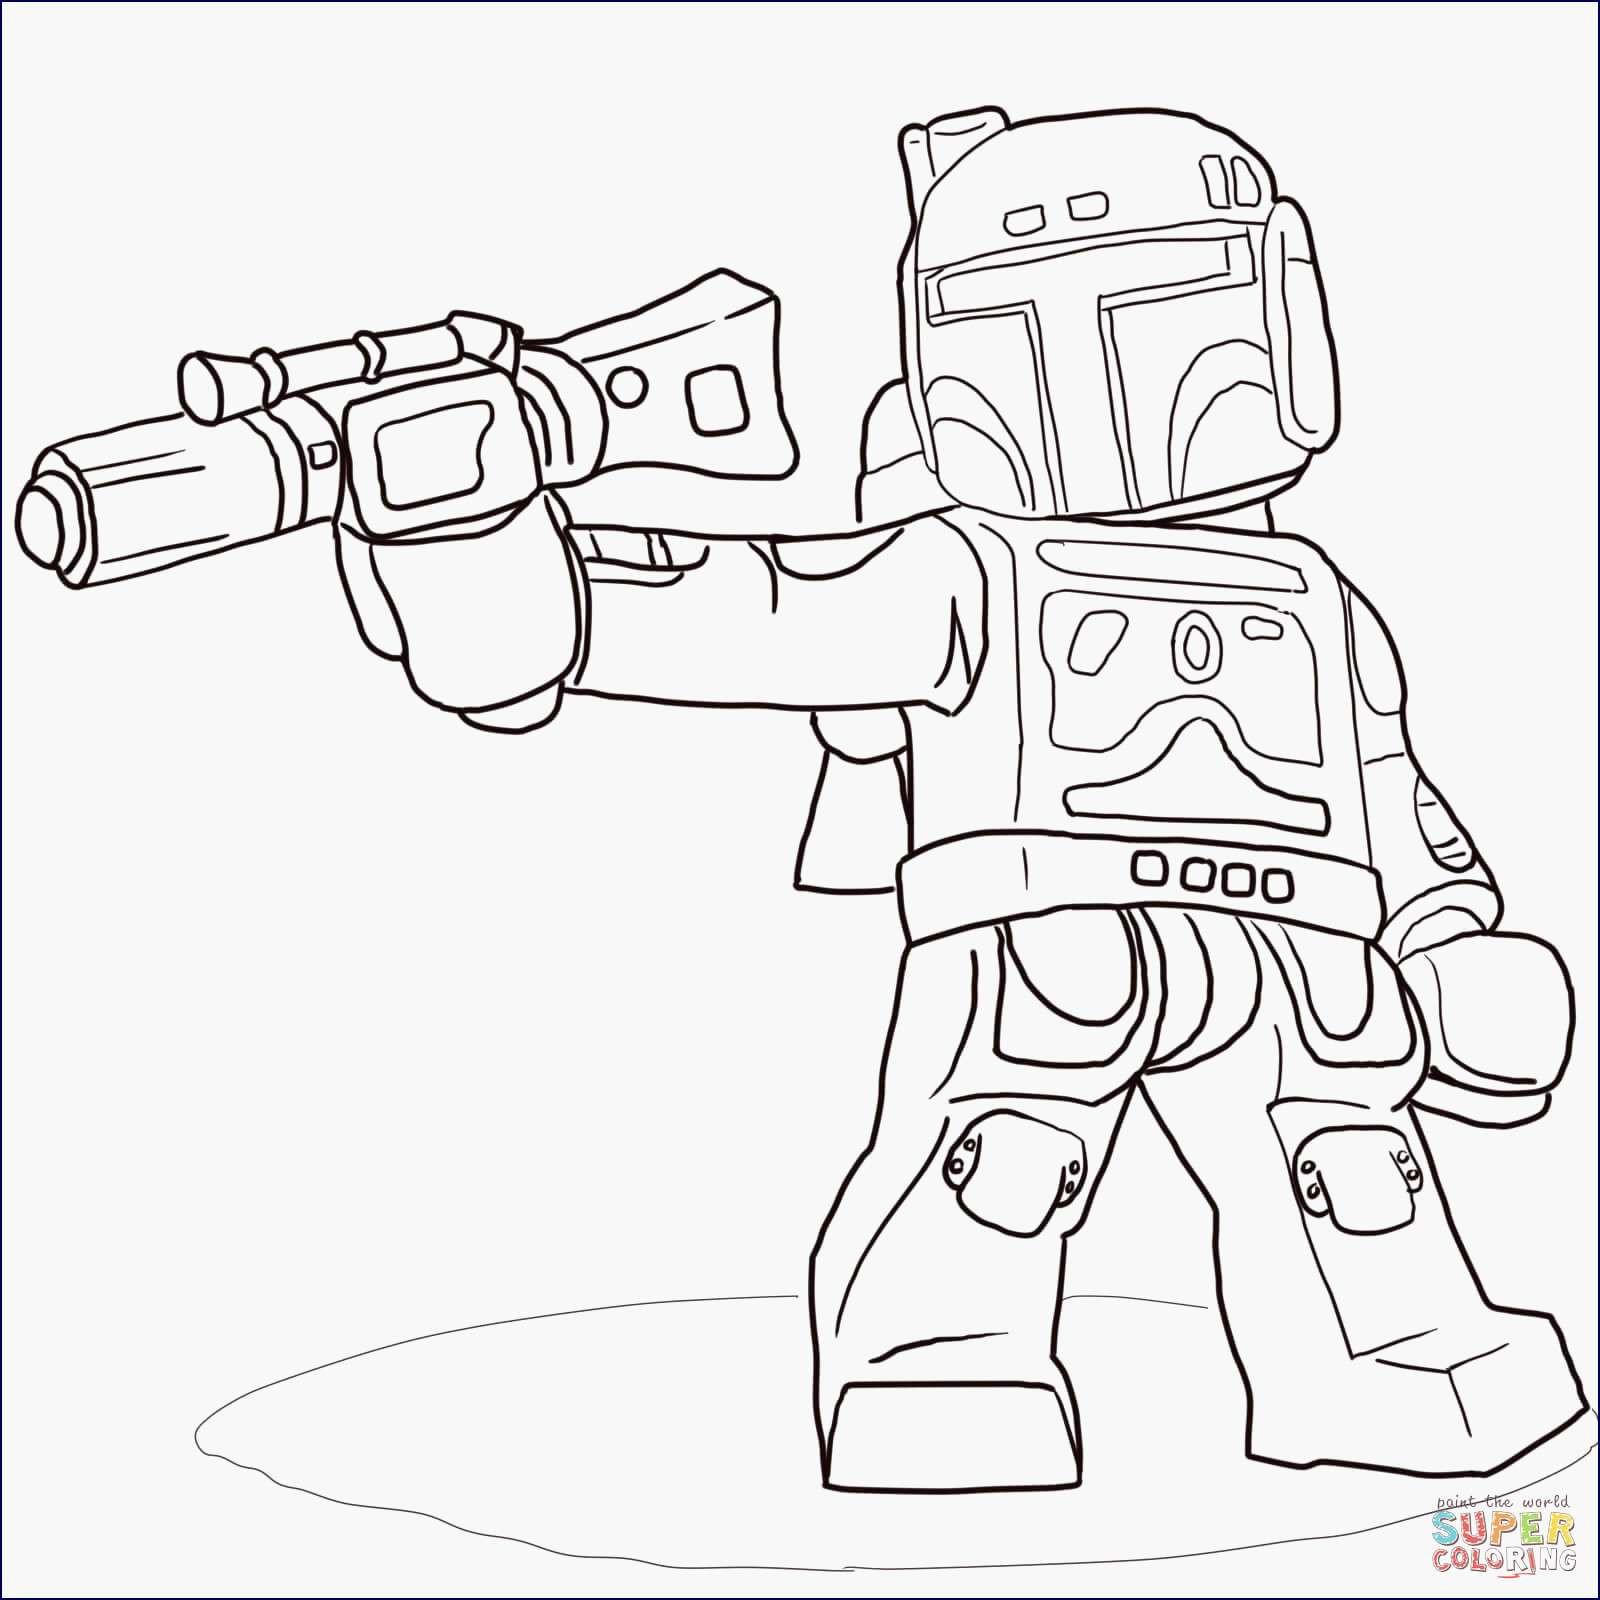 Lego Star Wars Malvorlagen Einzigartig Ausmalbilder Lego Starwars Luxury Mickeycarrollmunchkin Kostenlose Stock